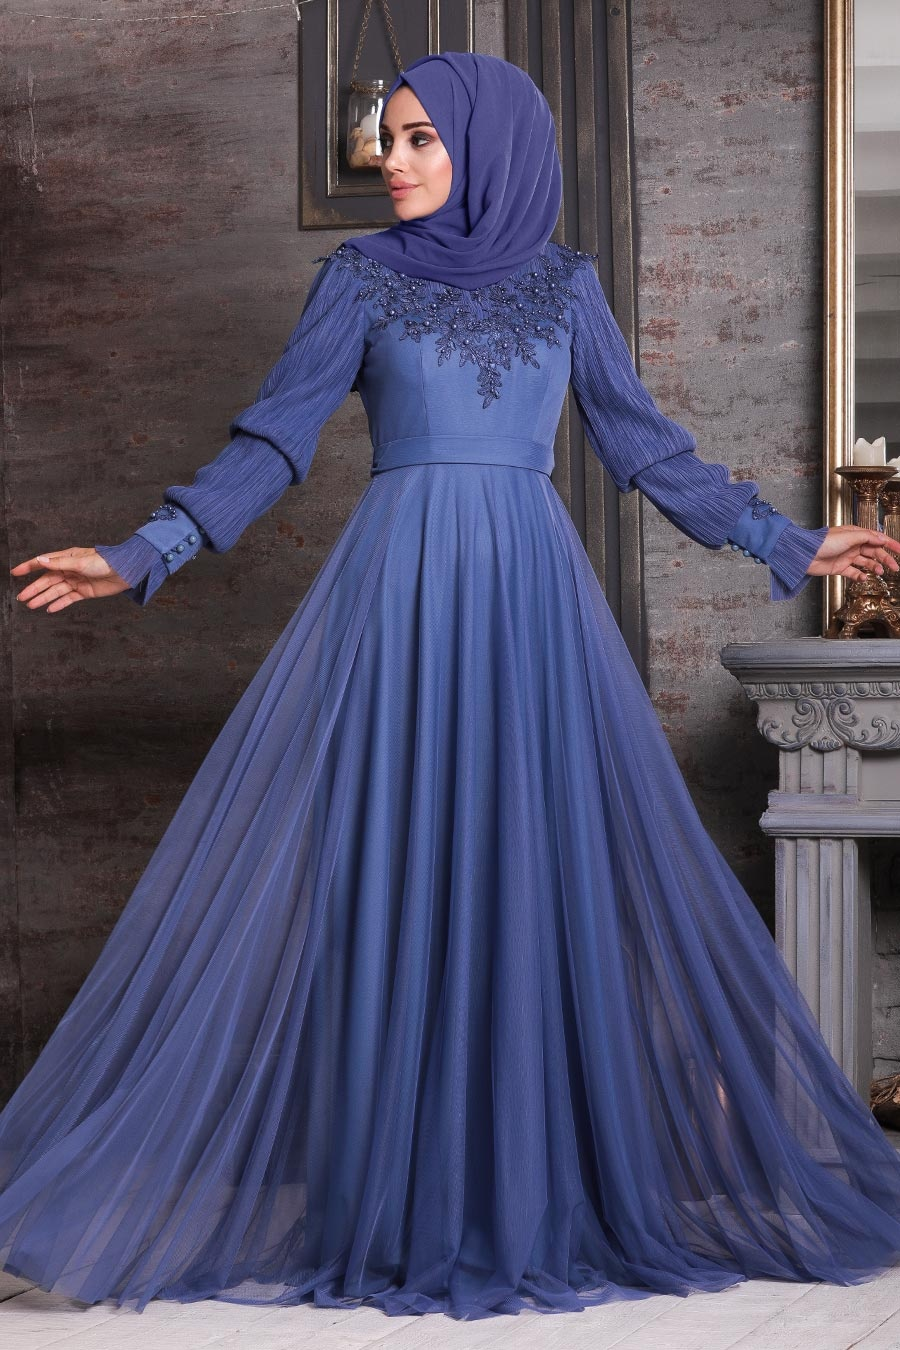 Tesettürlü Abiye Elbise - Üzeri Boncuk İşlemeli İndigo Mavisi Tesettür Abiye Elbise 21780IM